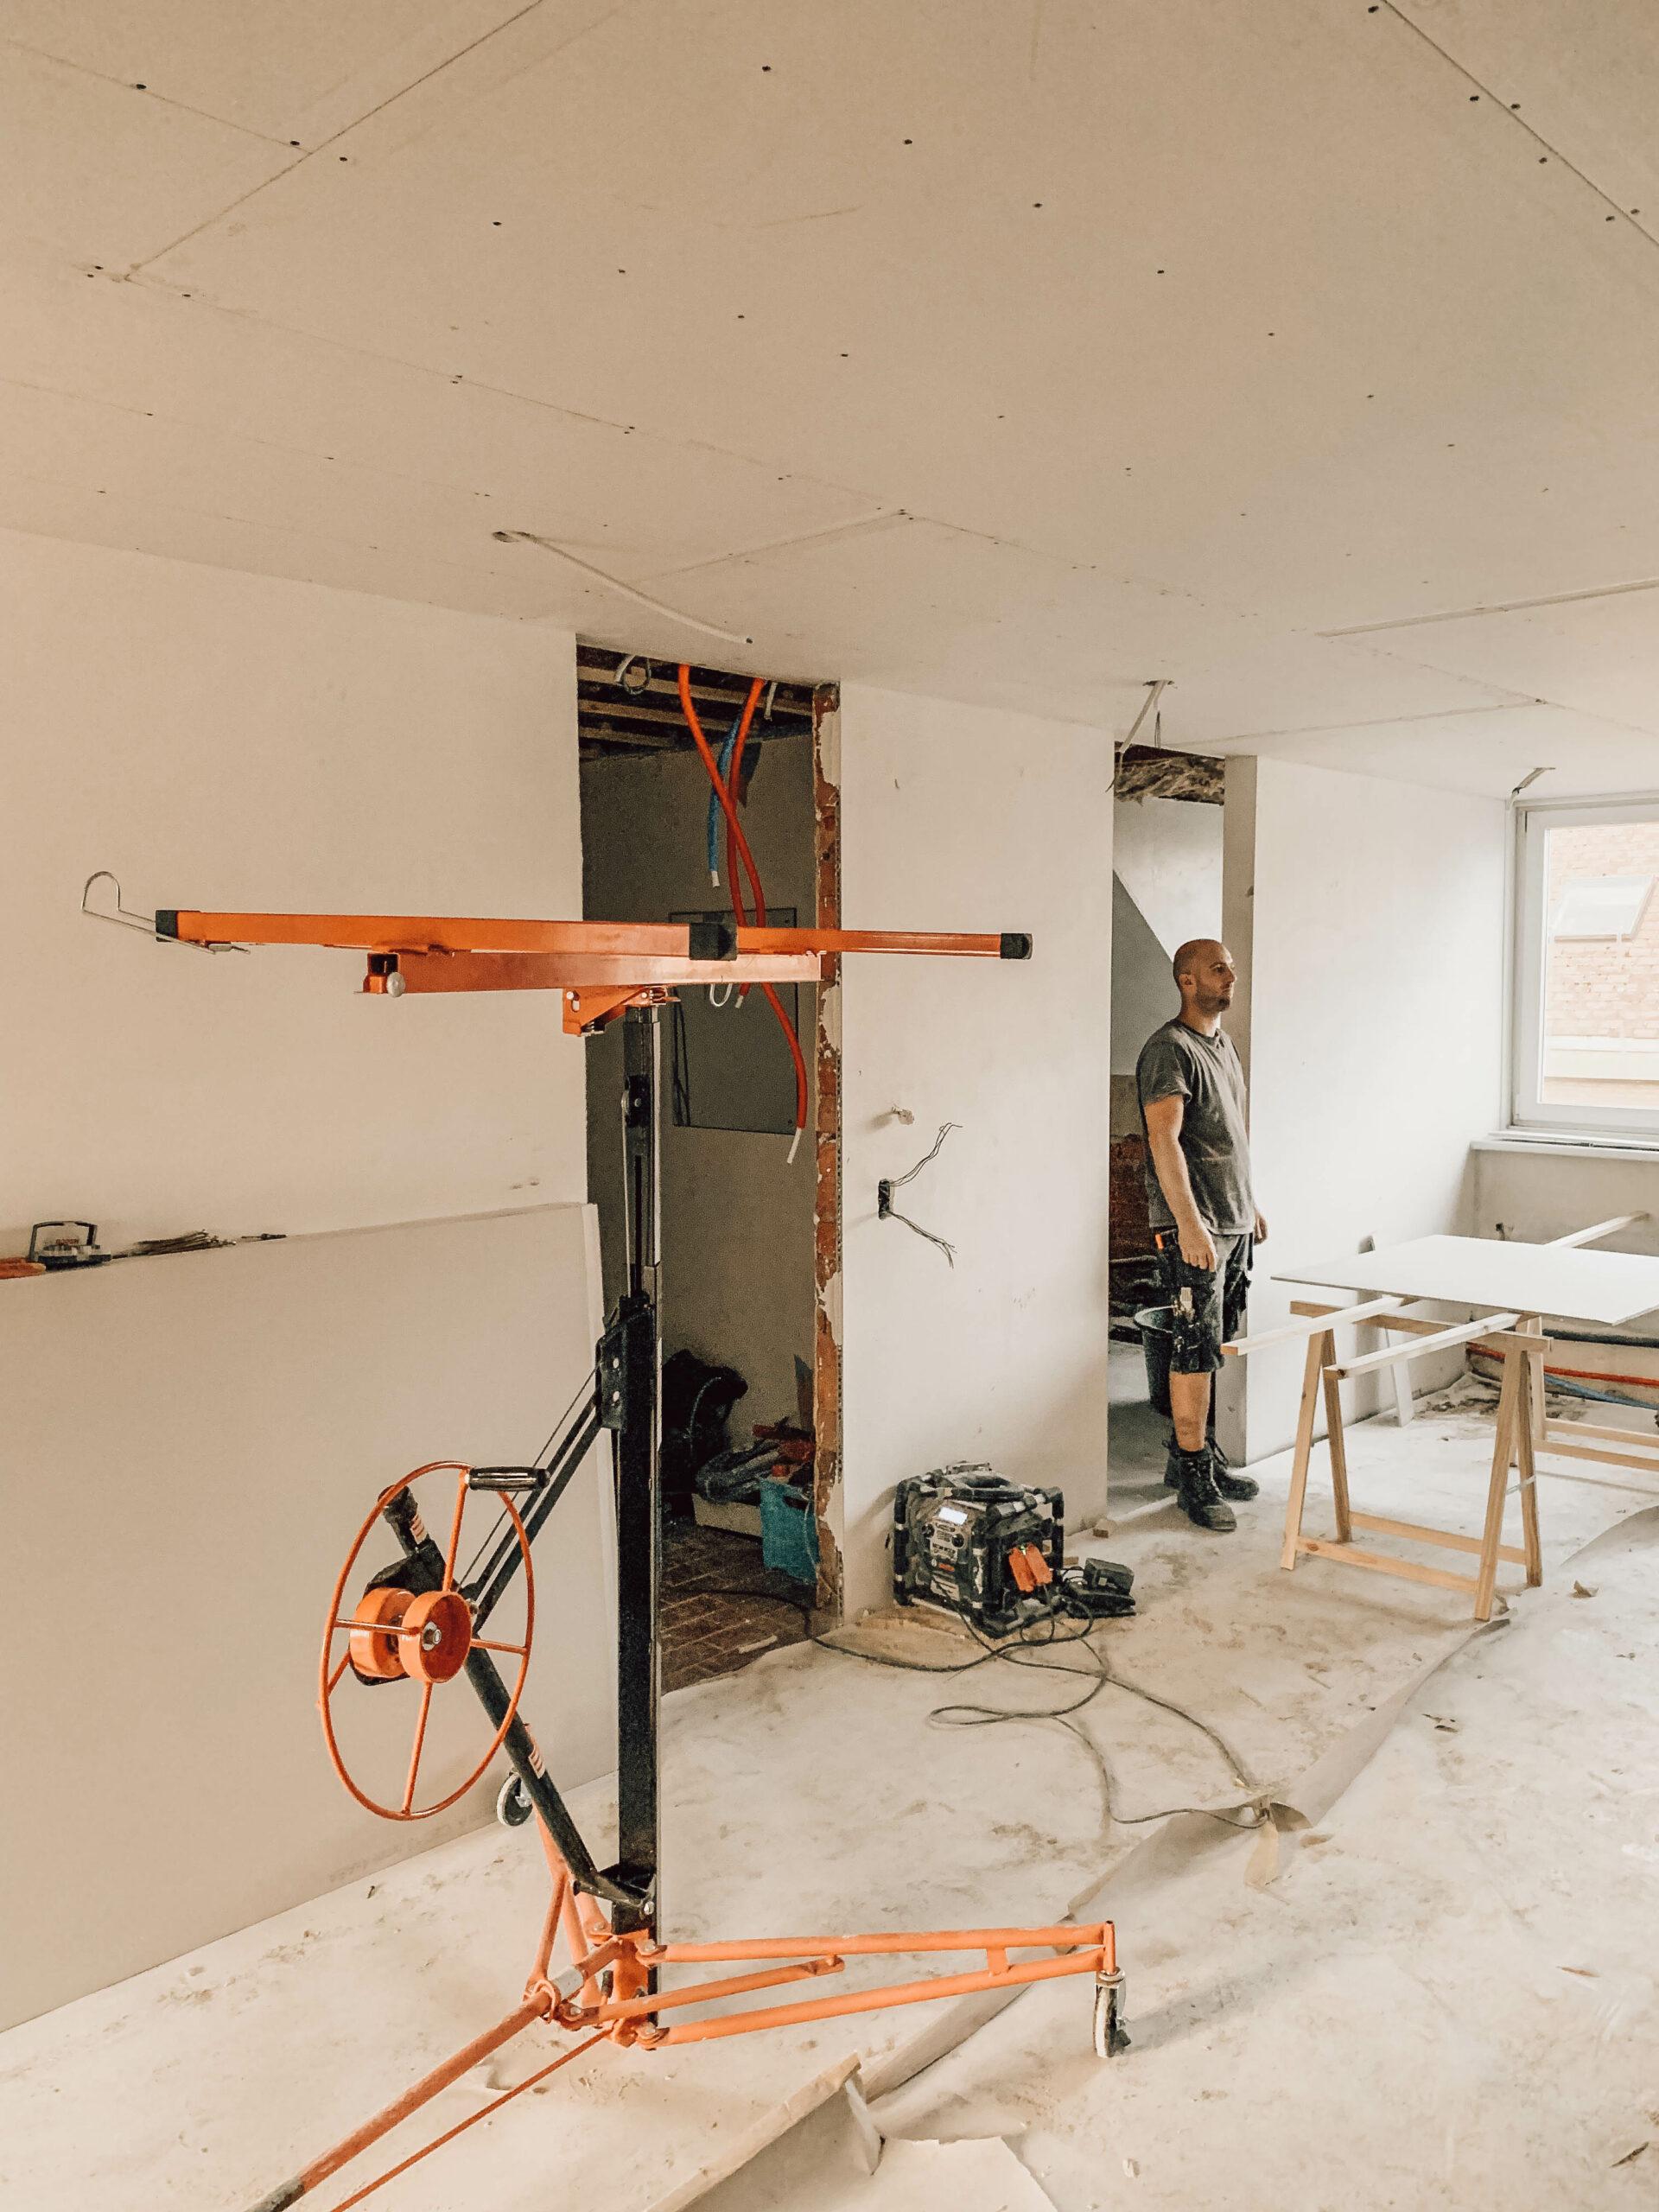 gyproc-pleisterwerken-Jonathan-wood-works-renovatie-interieur-afwerking